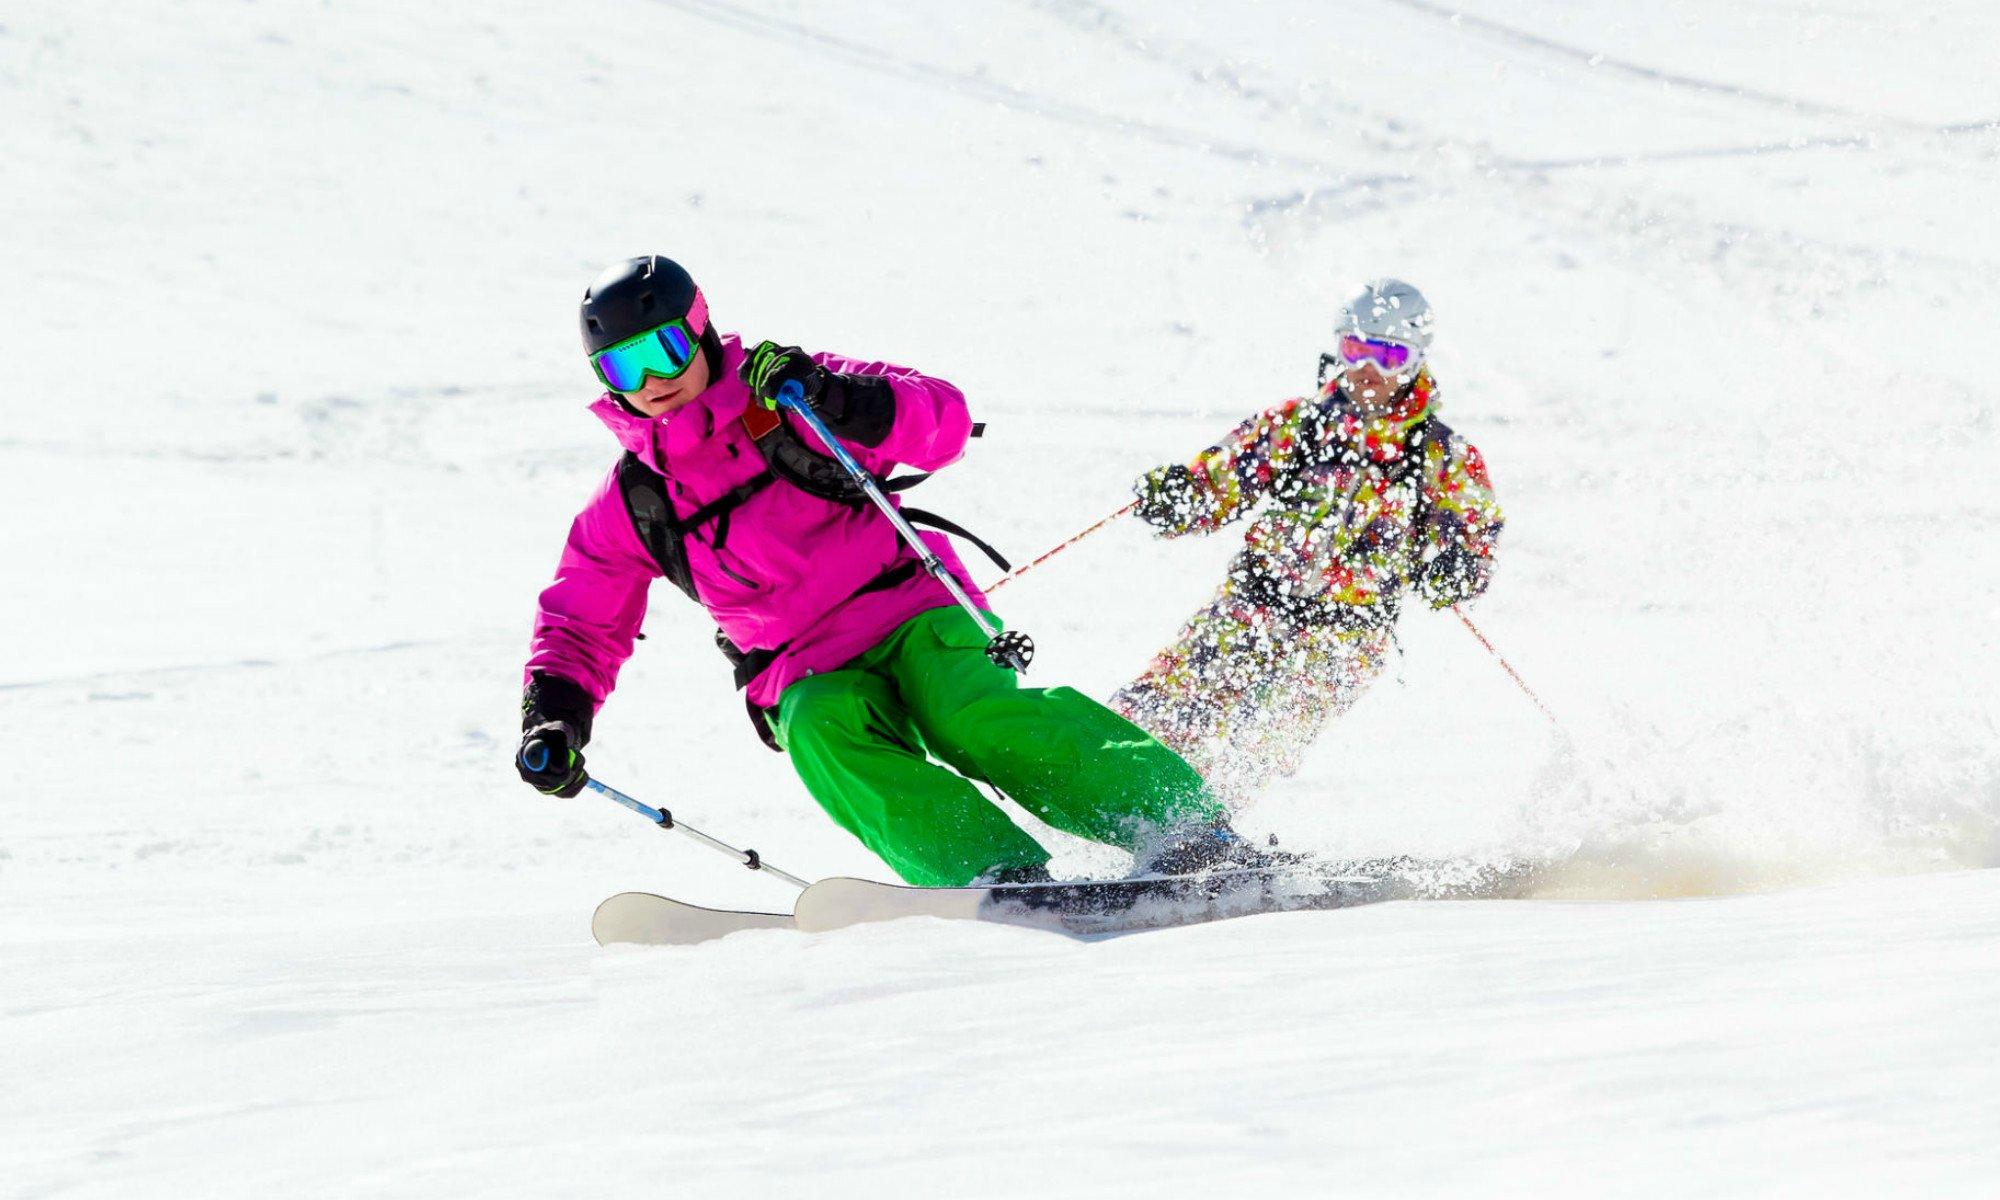 Deux skieurs dans la neige poudreuse.